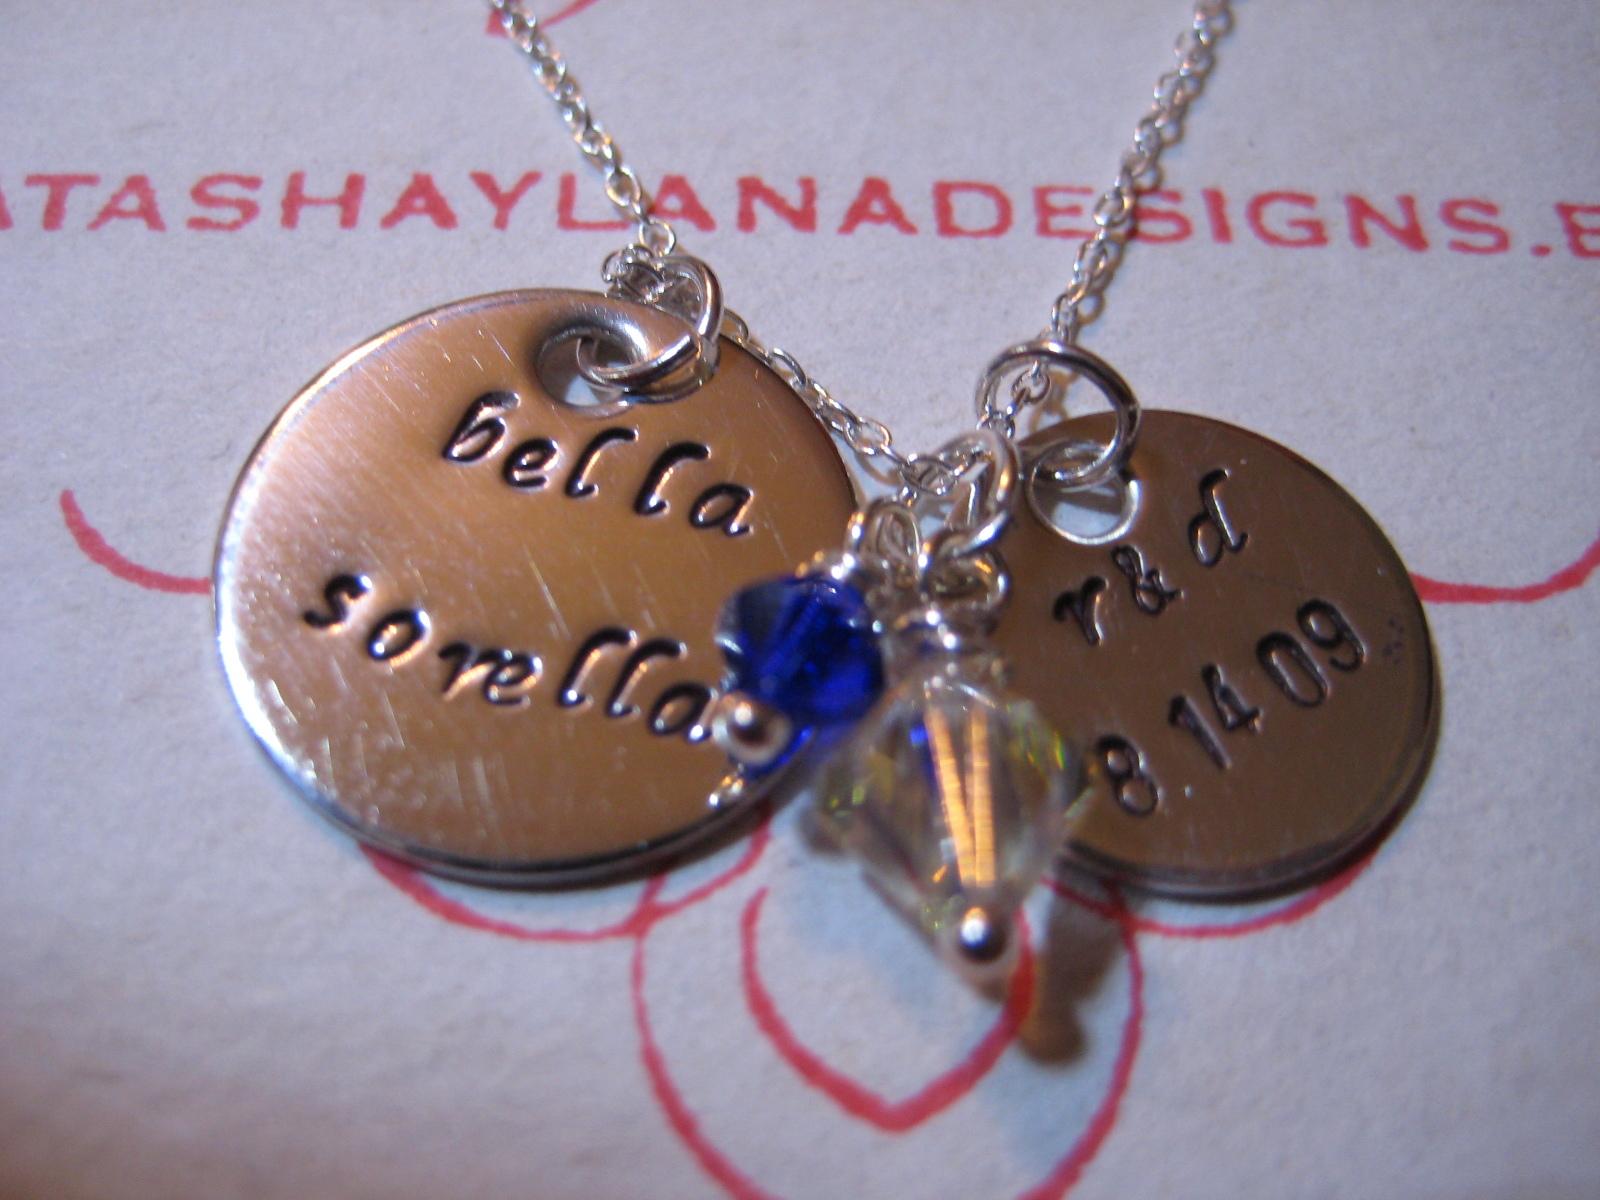 Natashaylana designs